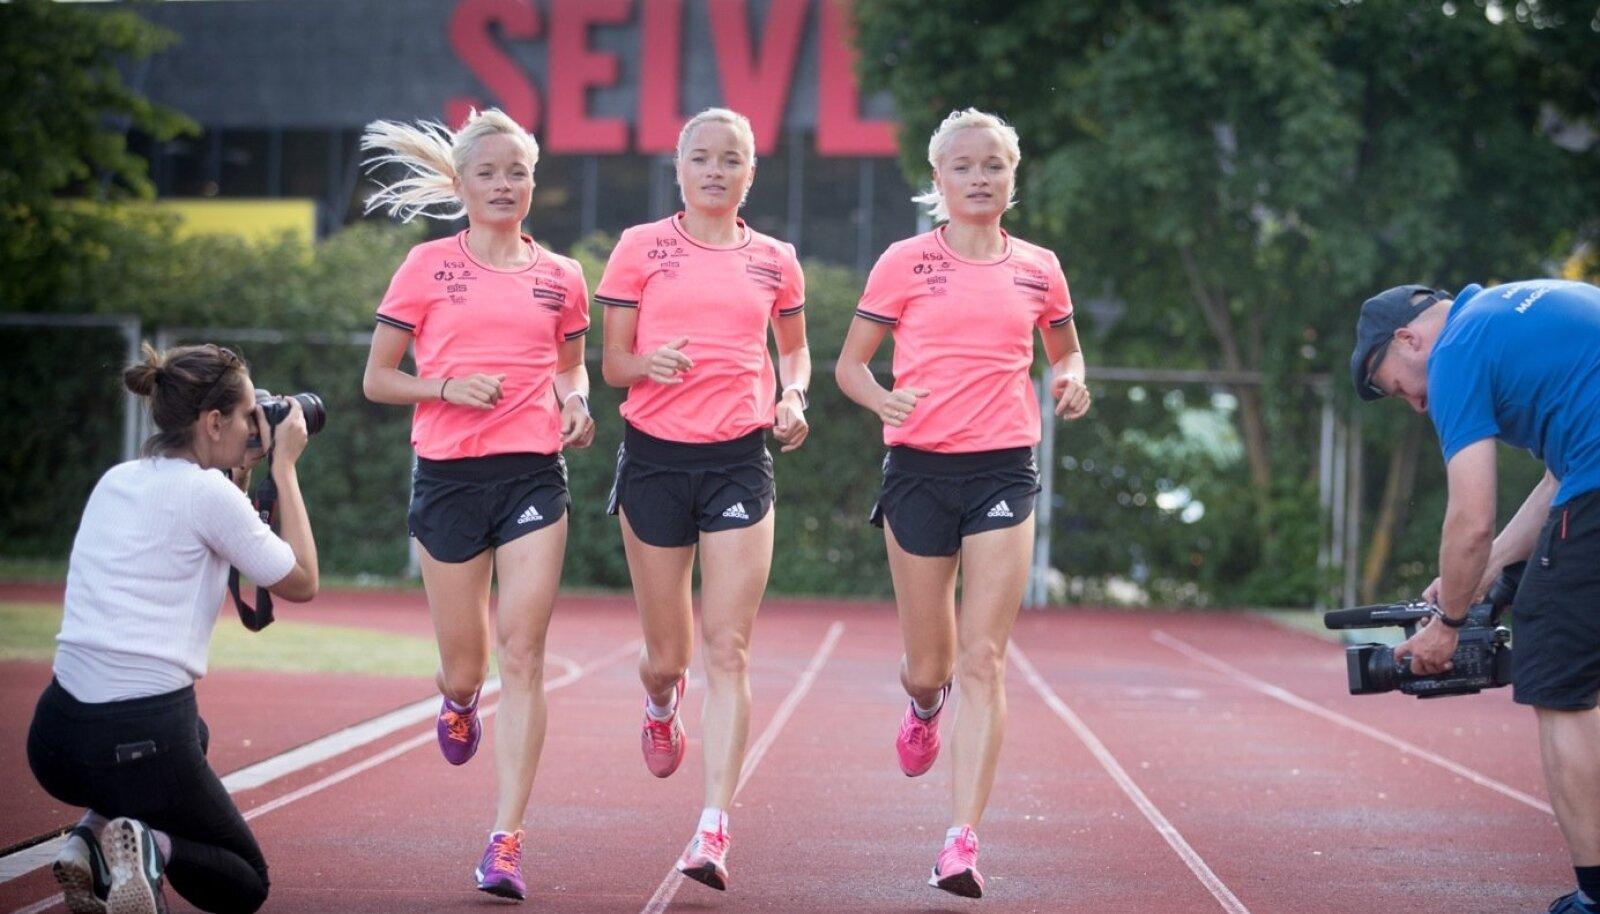 Kolmikutest maratoonaritele (vasakult: Lily, Liina ja Leila Luik) on osaks saanud arvestatavalt palju rahvusvahelist meediatähelepanu. Pildil jäädvustavad õdede jooksu Associated Pressi ajakirjanikud.